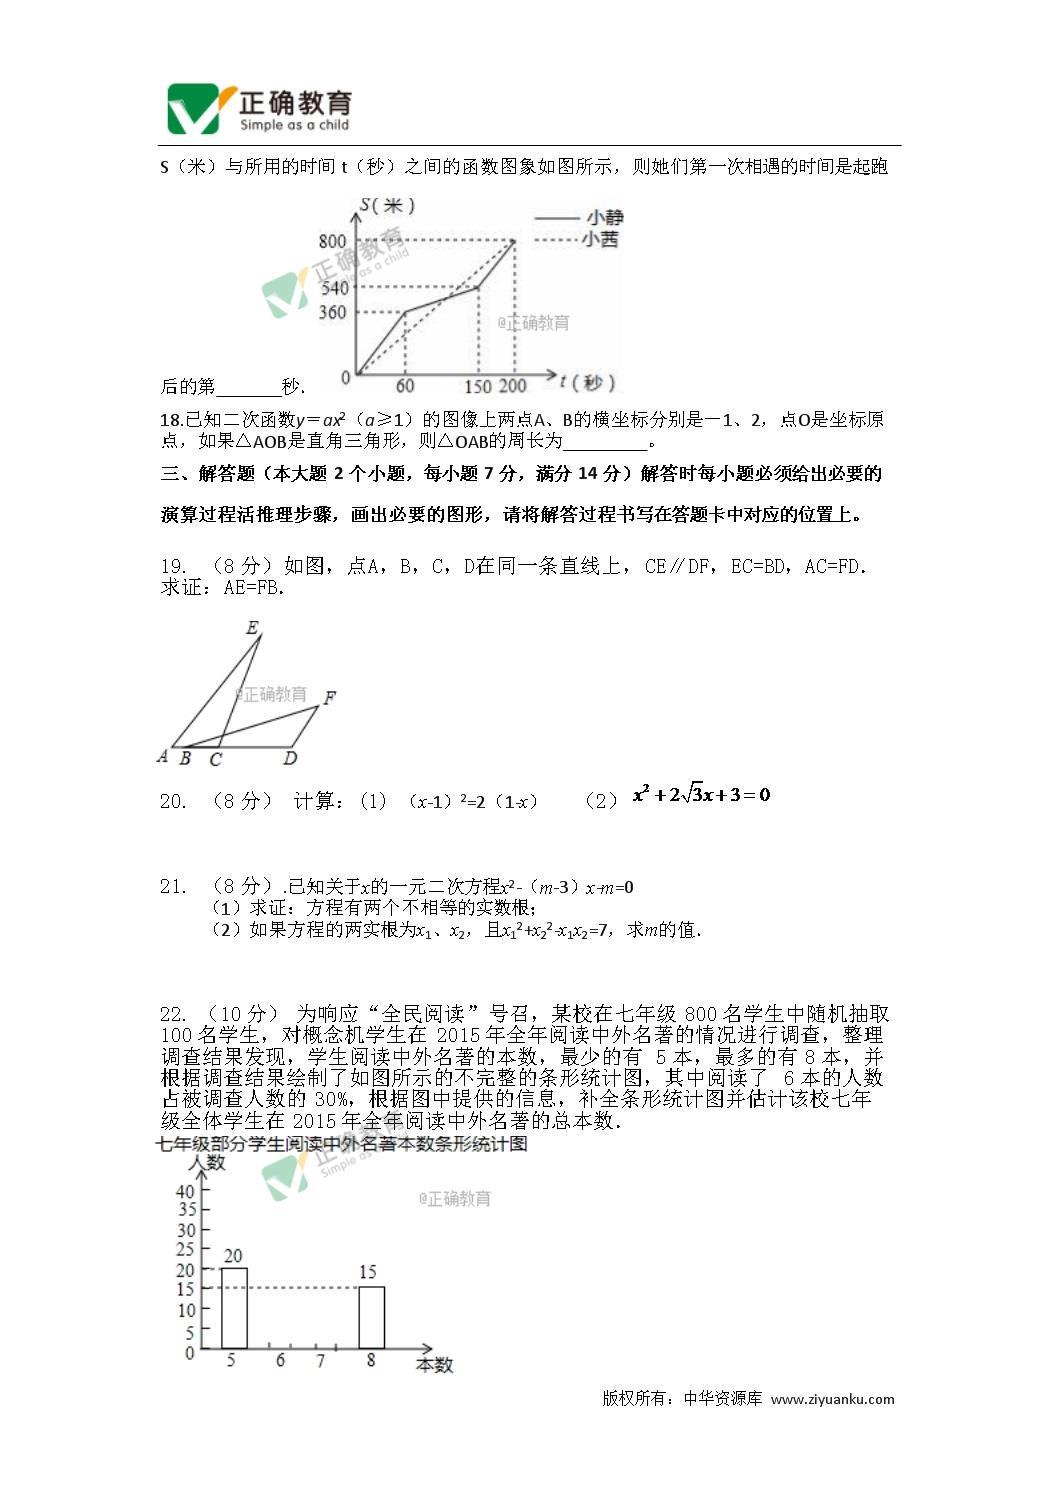 九年级数学月考卷子_重庆市彭水一中2018届九年级下学期第一次月考数学试卷_正确云资源